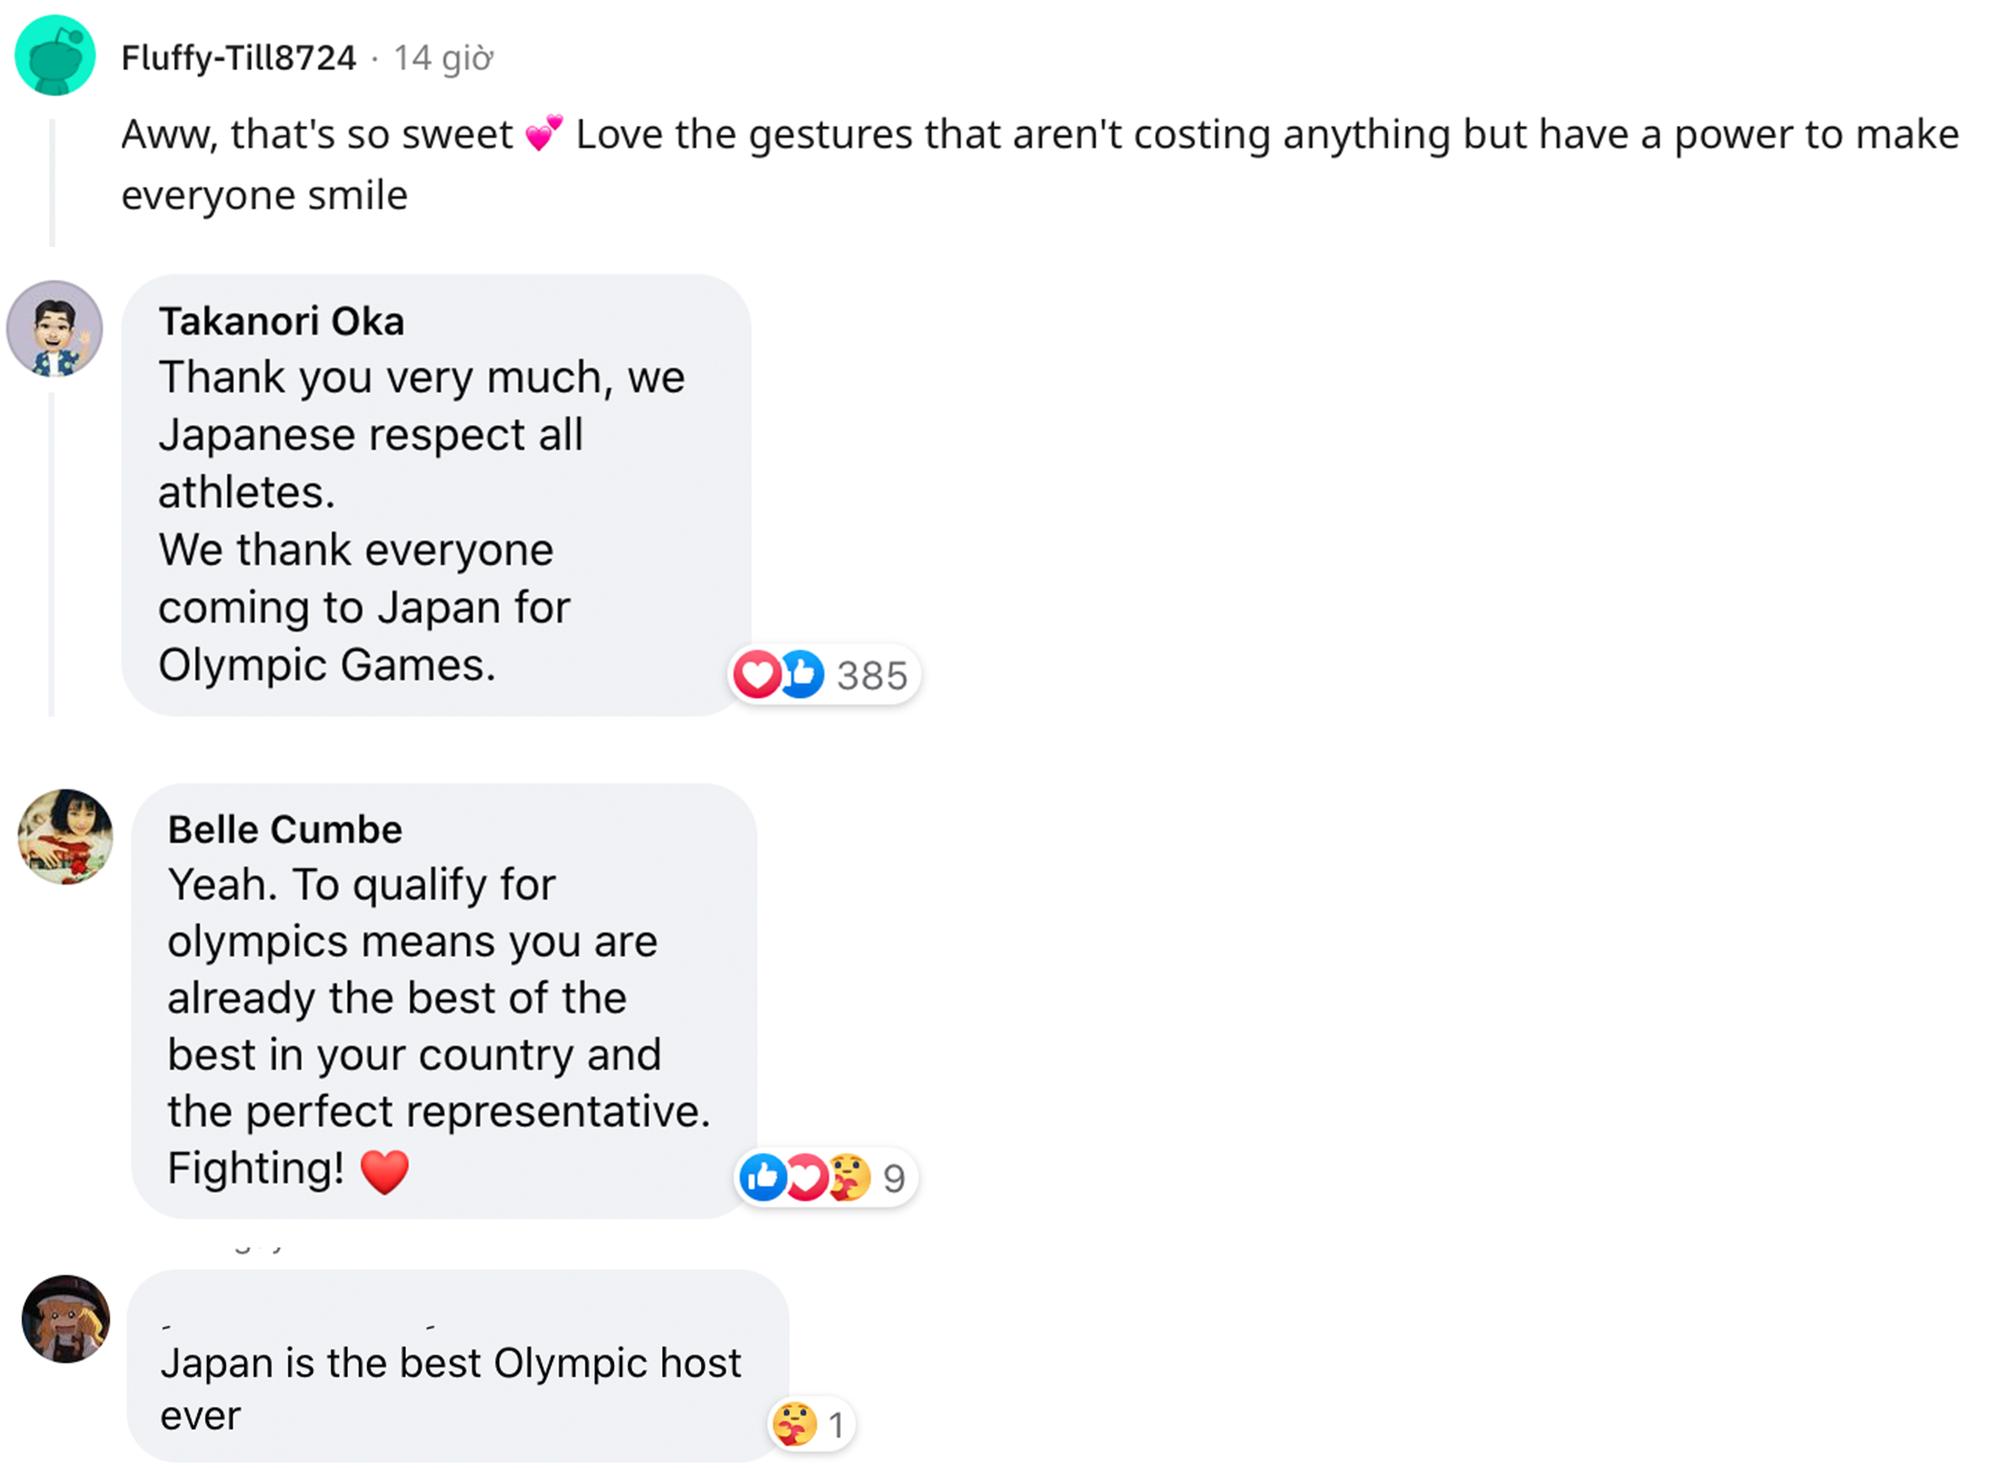 Cộng đồng quốc tế cảm kích trước thông điệp tuyệt vời của ông lão Nhật Bản tại Olympic Tokyo 2020 - ảnh 3